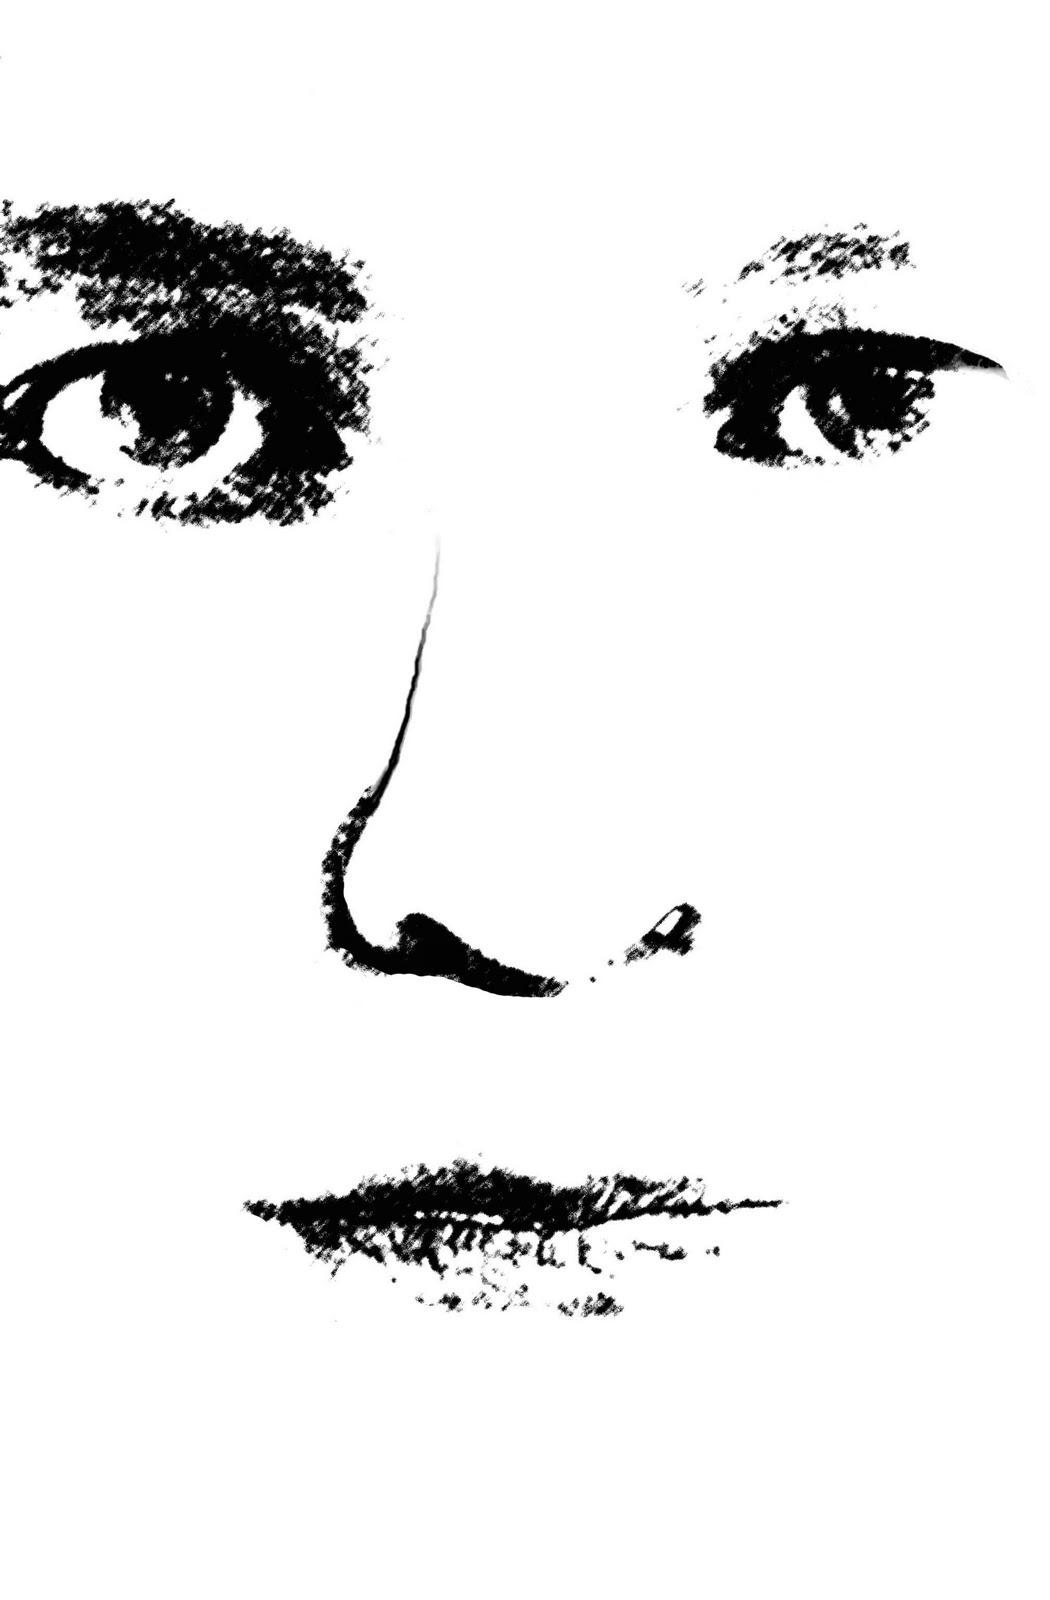 Bernasign: Self portrait, using the technique of screen